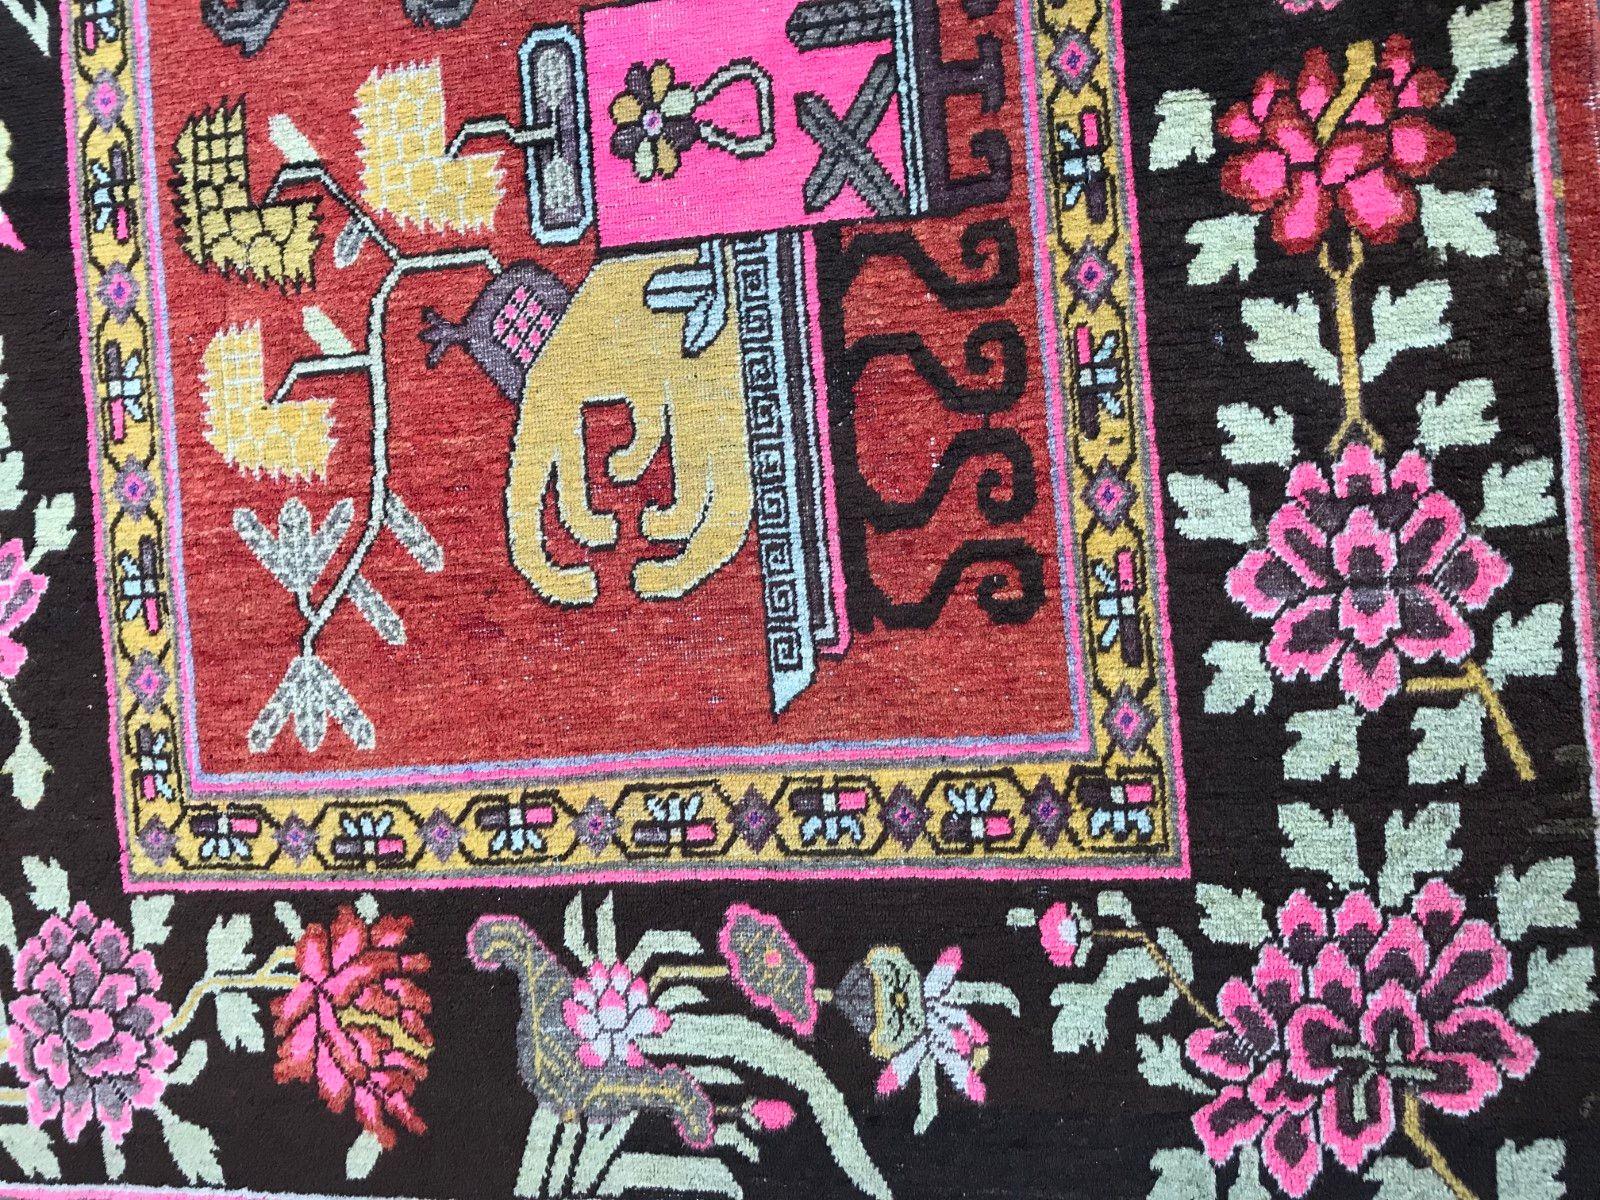 chinesischer art deco khotan teppich bei pamono kaufen. Black Bedroom Furniture Sets. Home Design Ideas